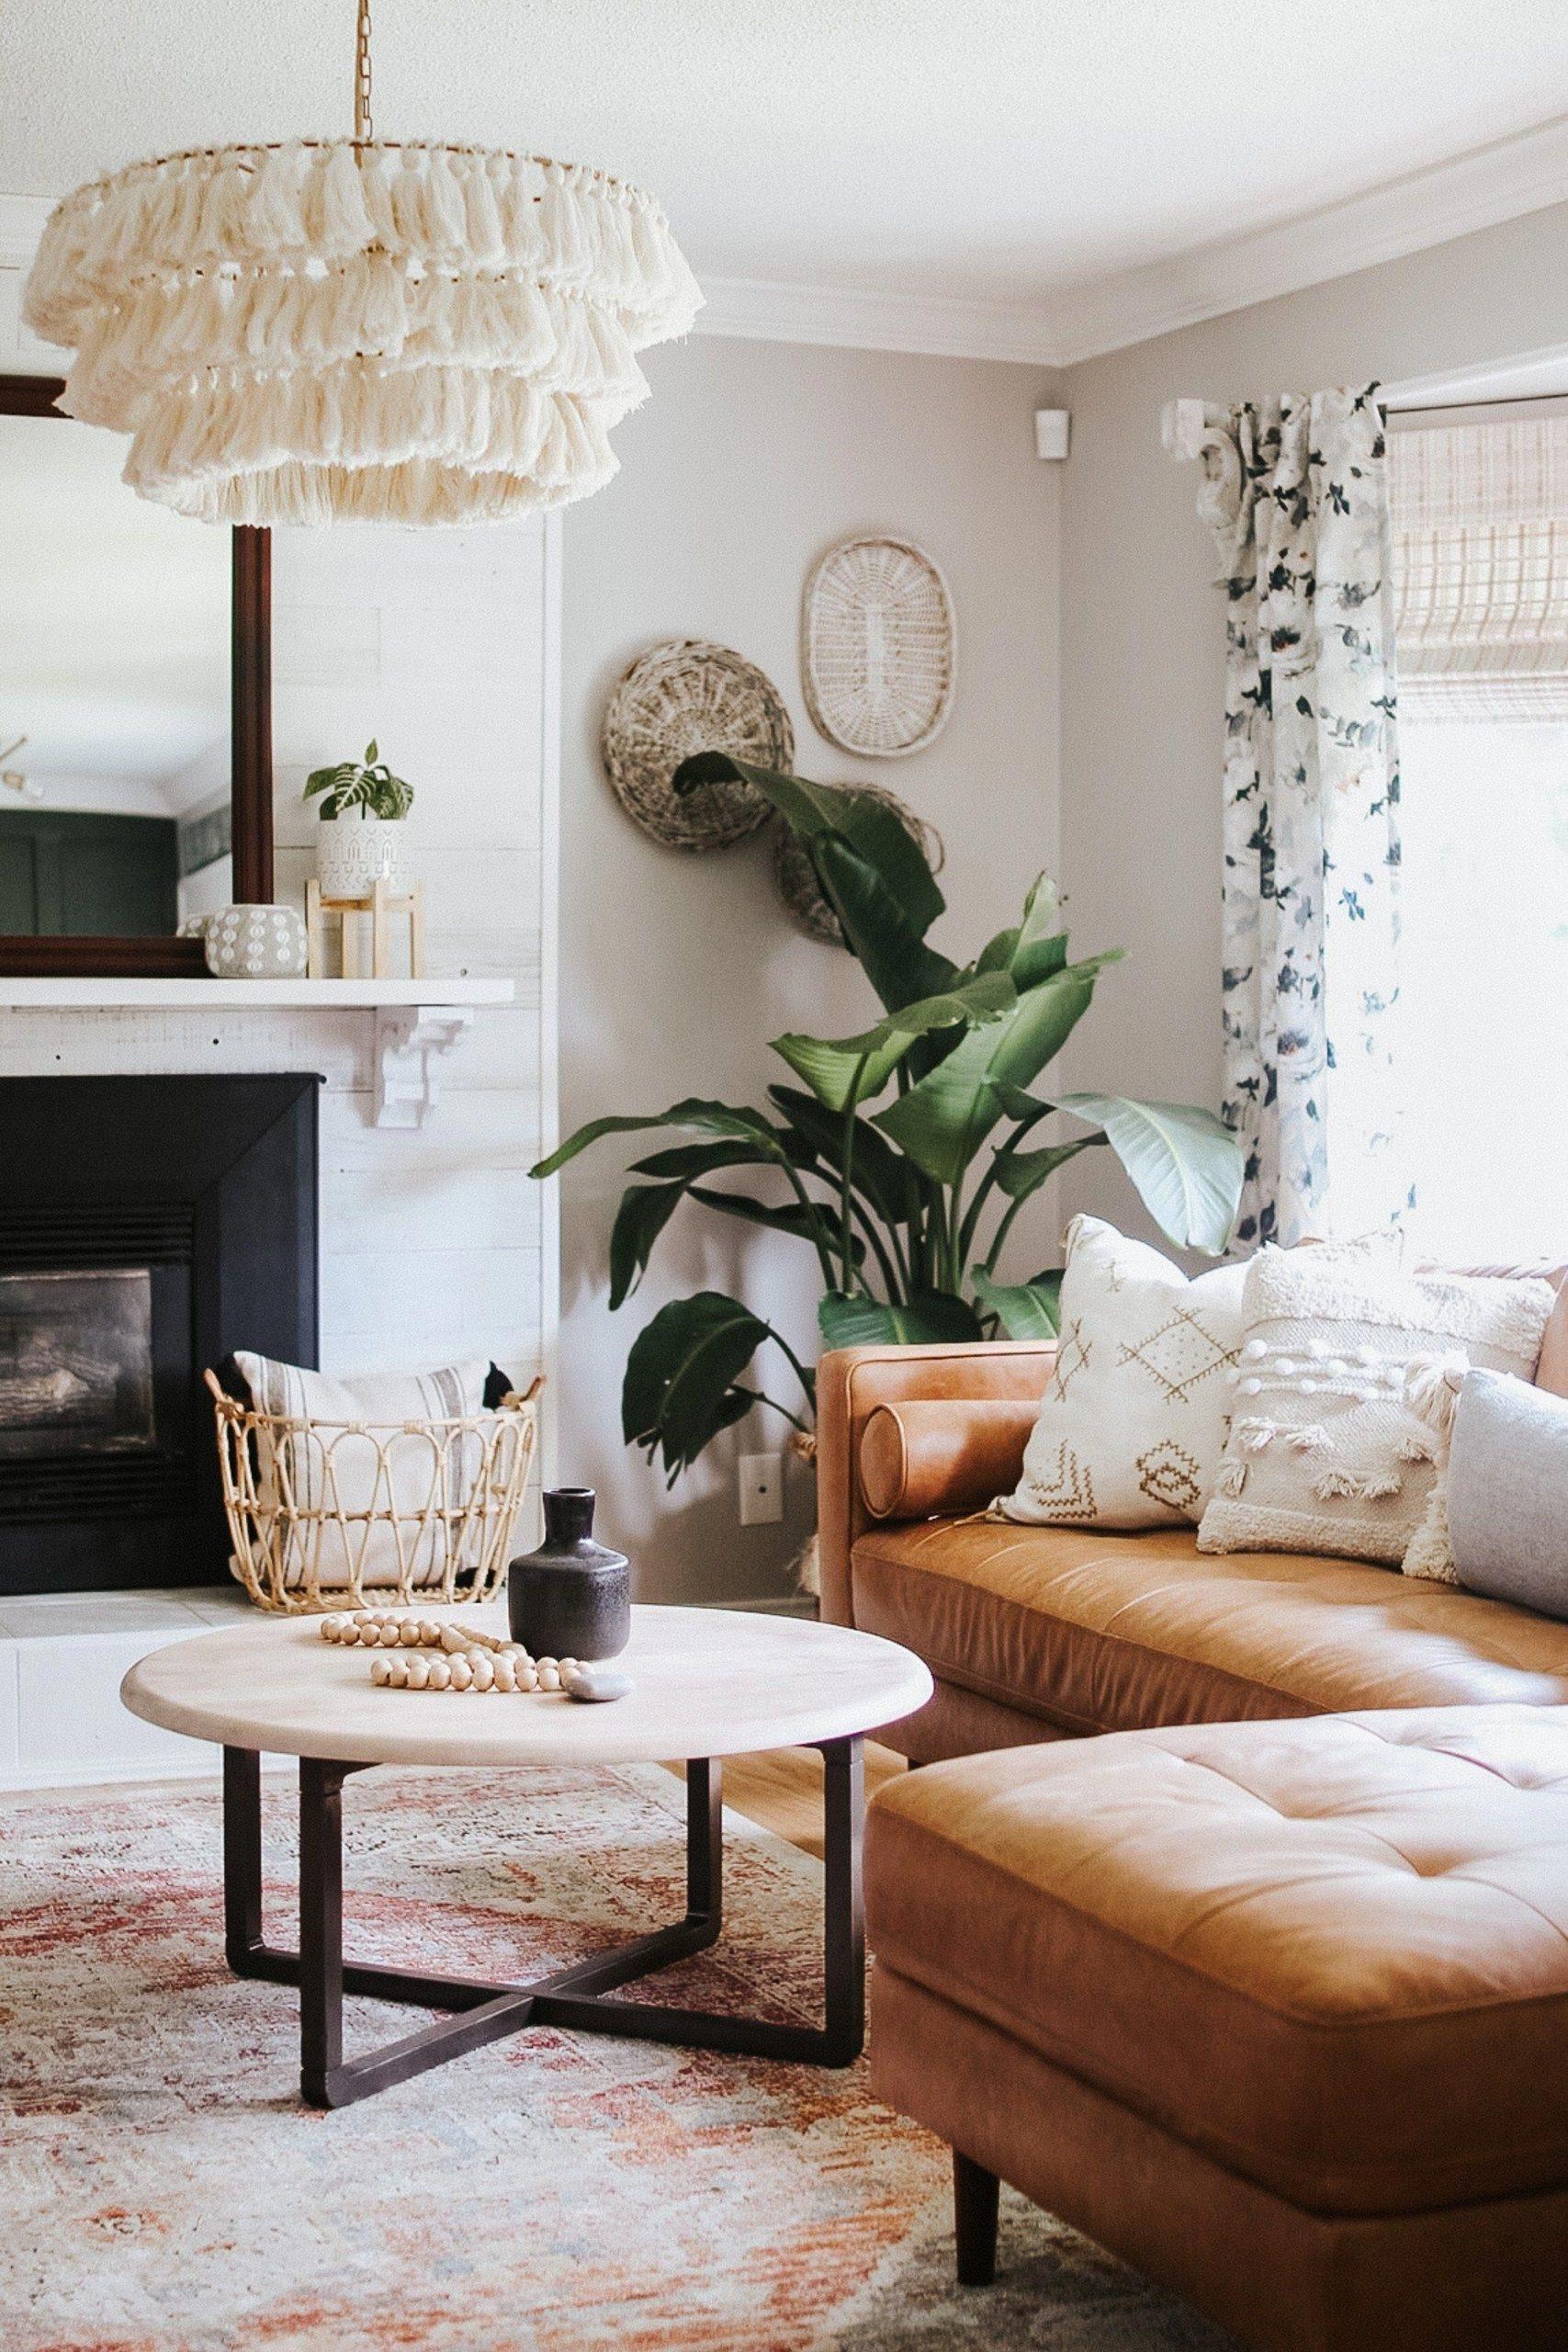 Idee per il soggiorno inverno